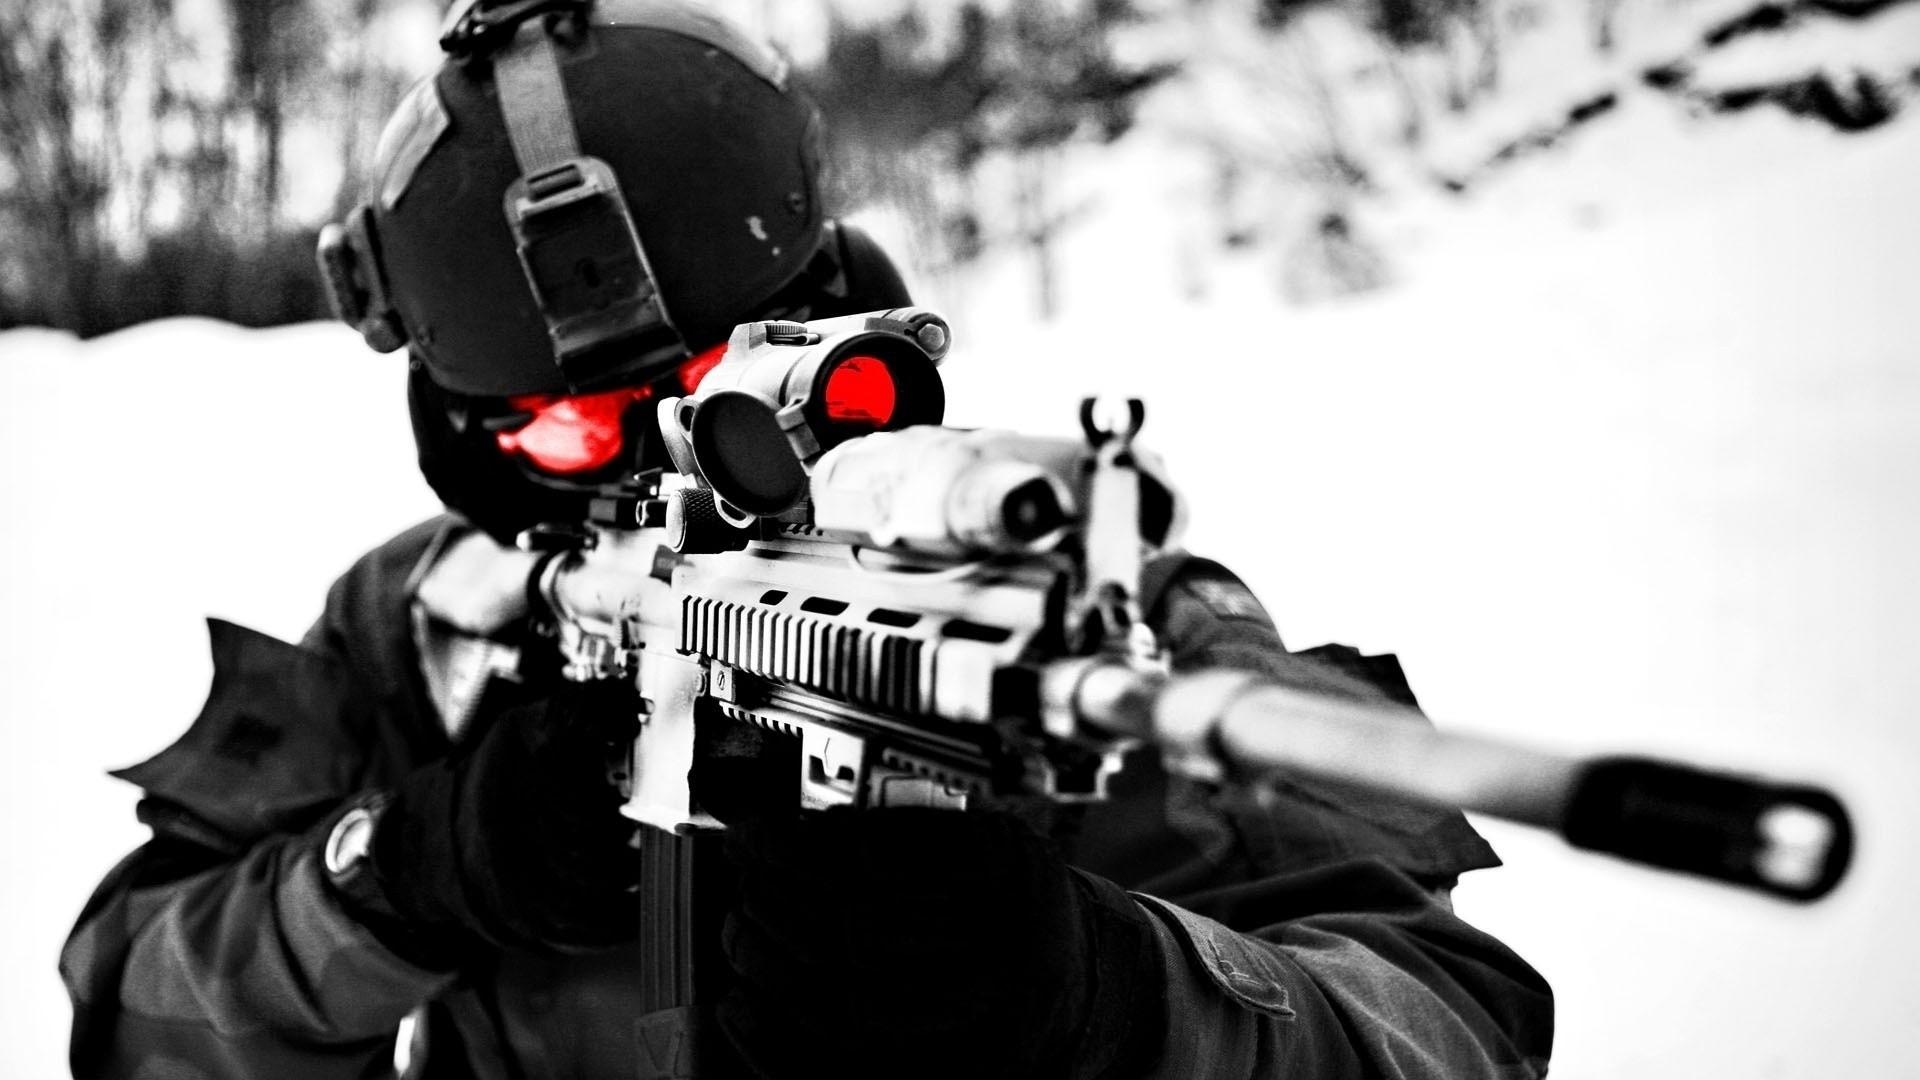 Sniper Close Up Wallpaper